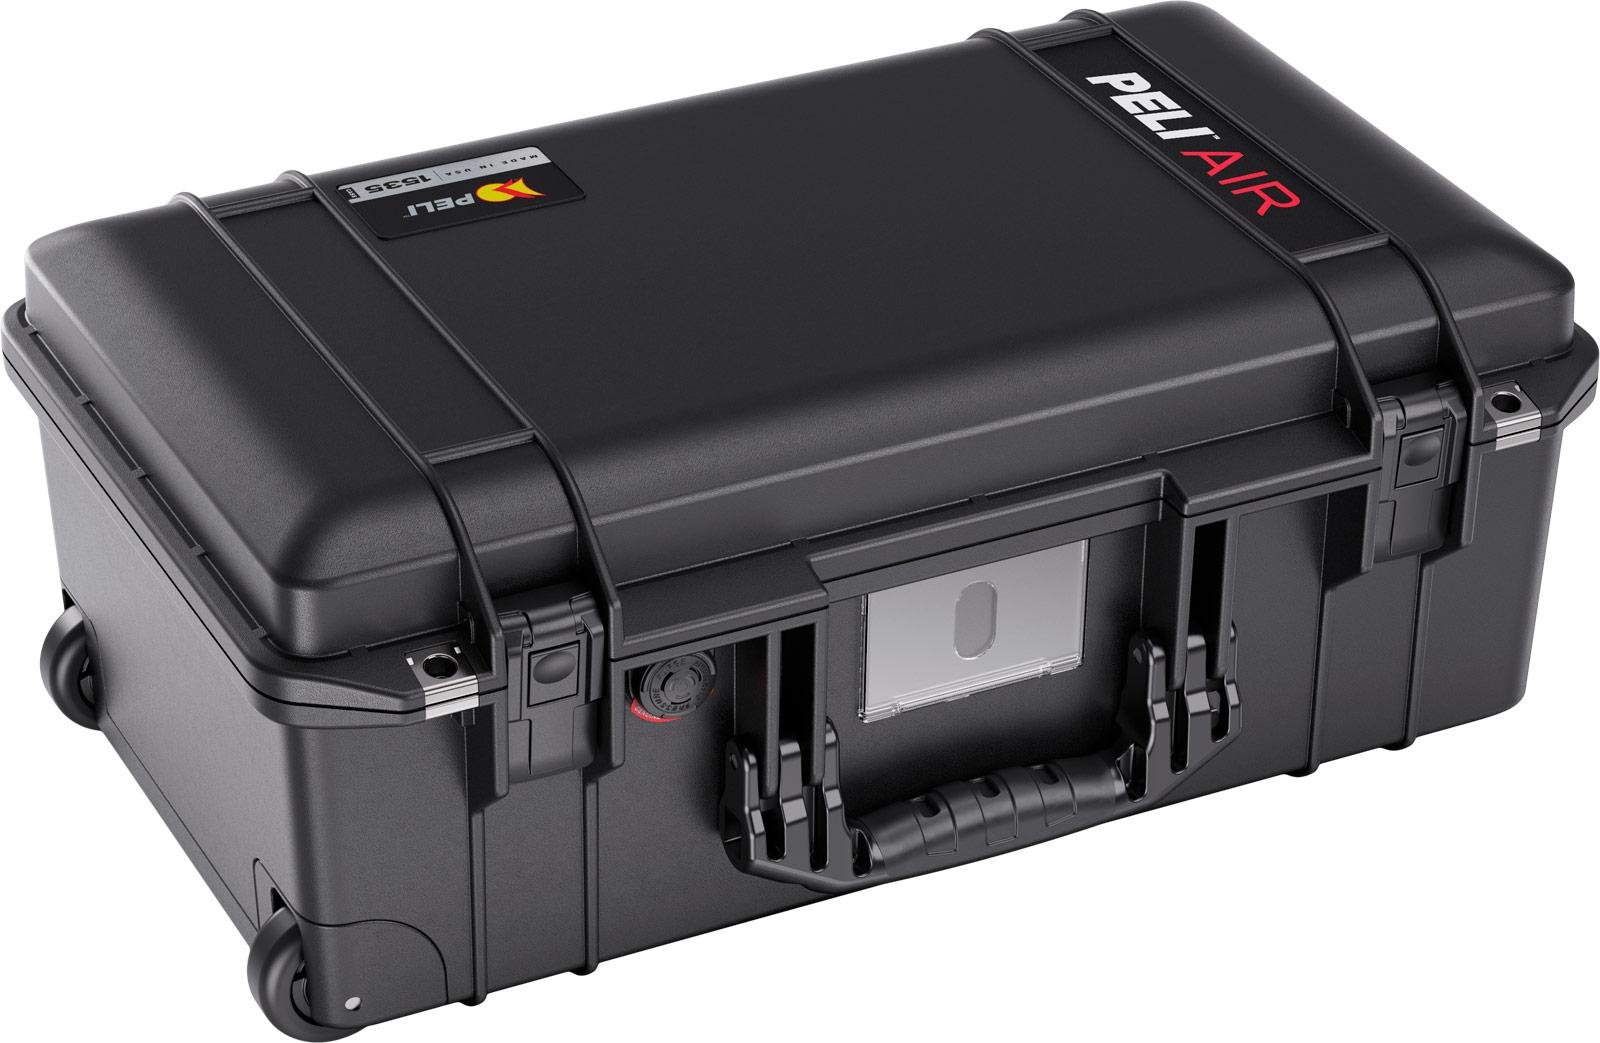 peli products air case 1535 pelicase